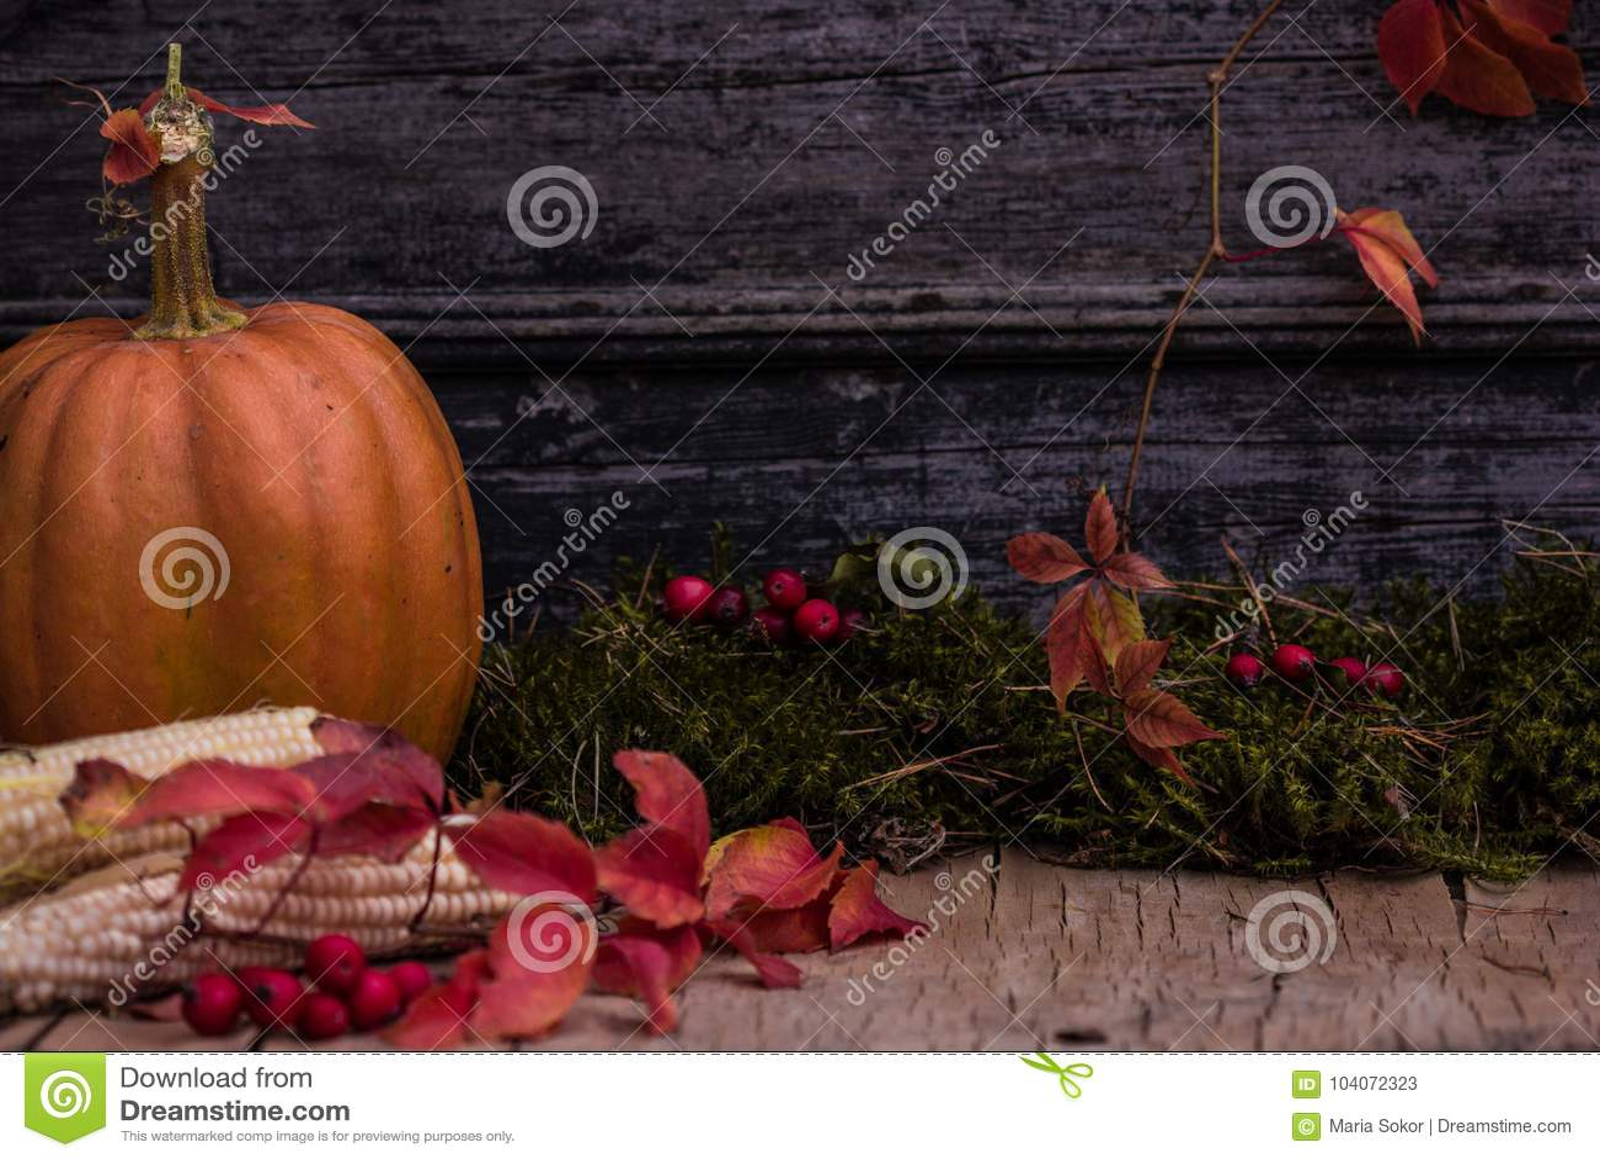 Κολοκύθα, κολοκύνθη Ευτυχής ανασκόπηση ημέρας των ευχαριστιών Κολοκύθες ημέρας των ευχαριστιών φθινοπώρου πέρα από το ξύλινο υπόβ